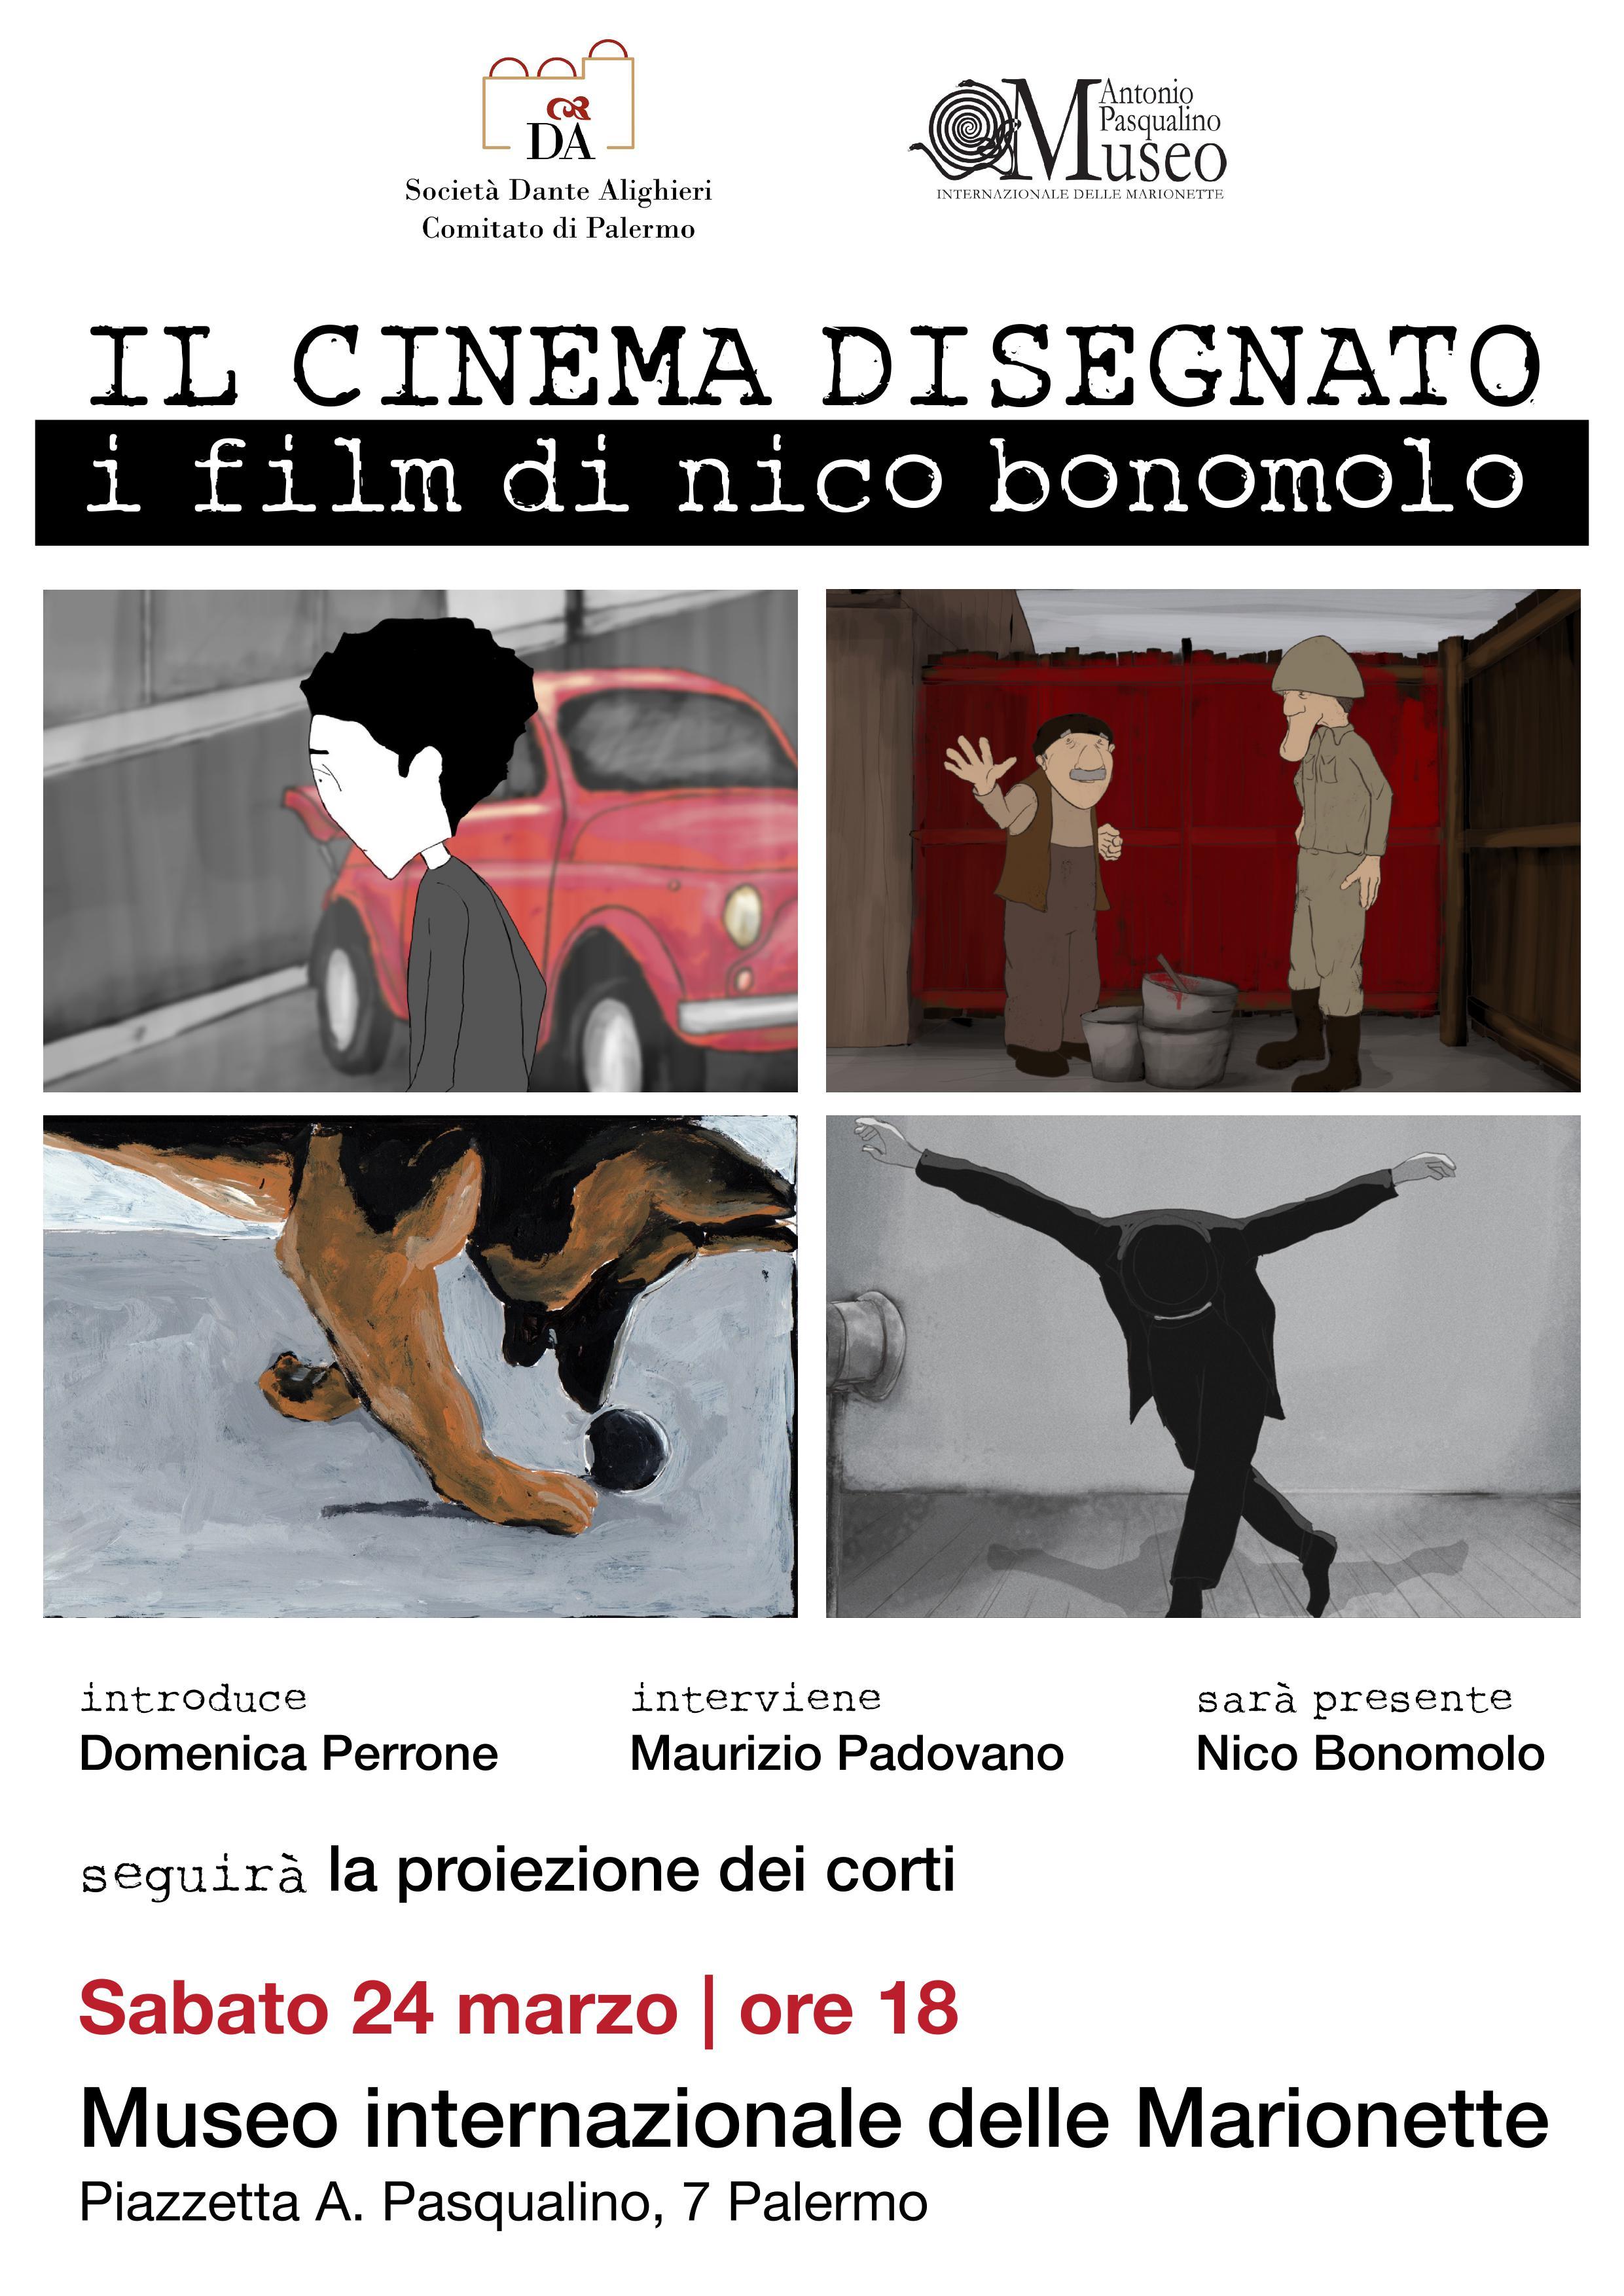 Locandina_Il_Cinema_Disegnato_-_I_film_di_Nico_Bonomolo.jpg - 651.66 kB